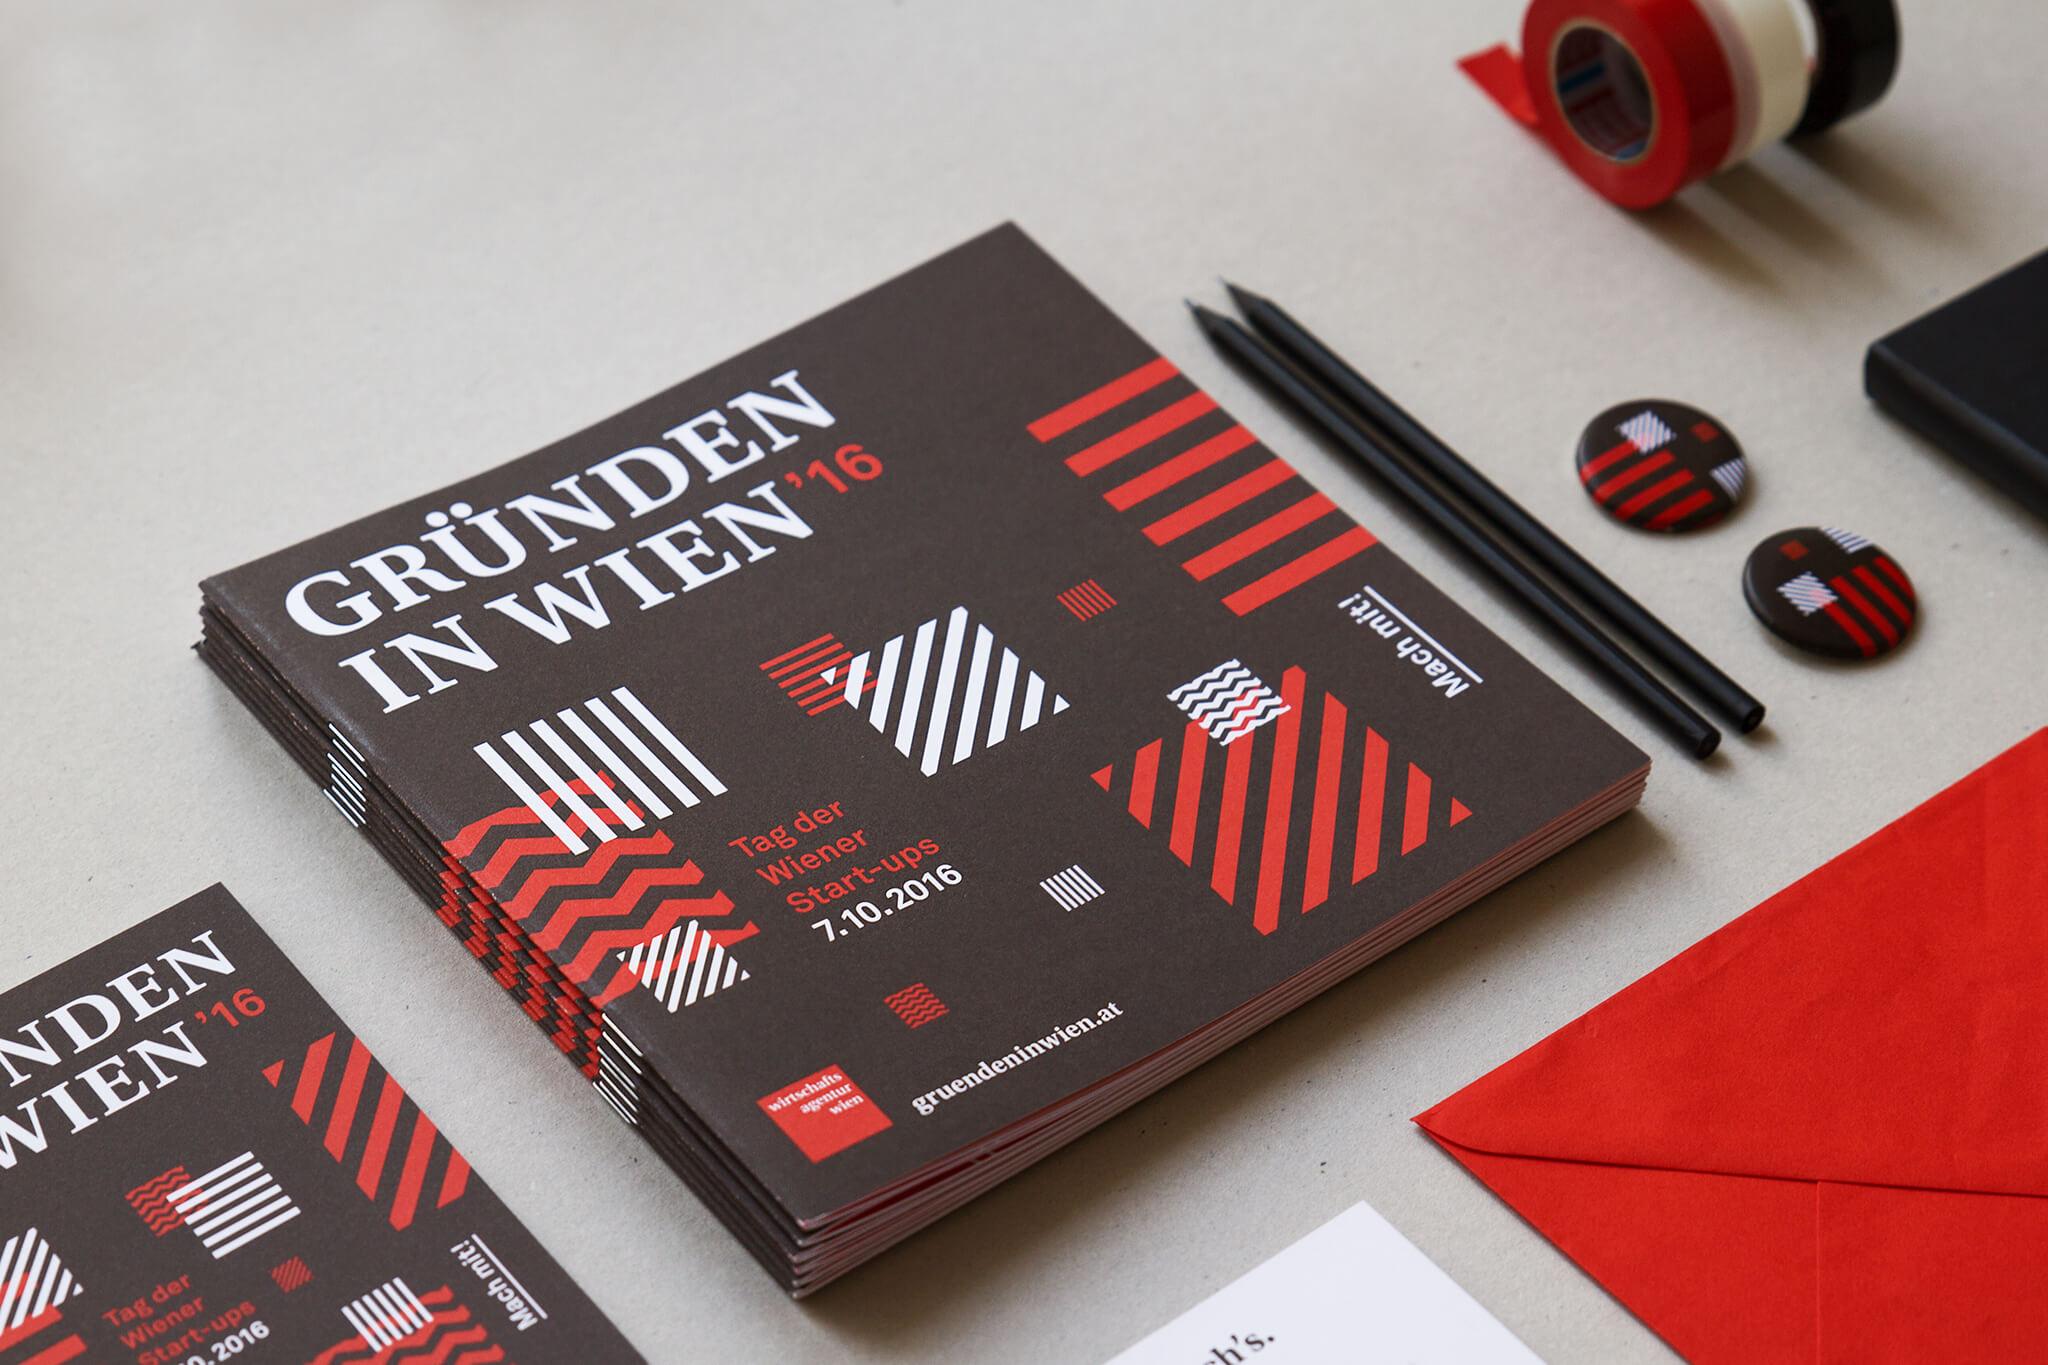 Gründen in Wien Folder, Pins und Kuverts in schwarz-rot-weißem Corporate Design